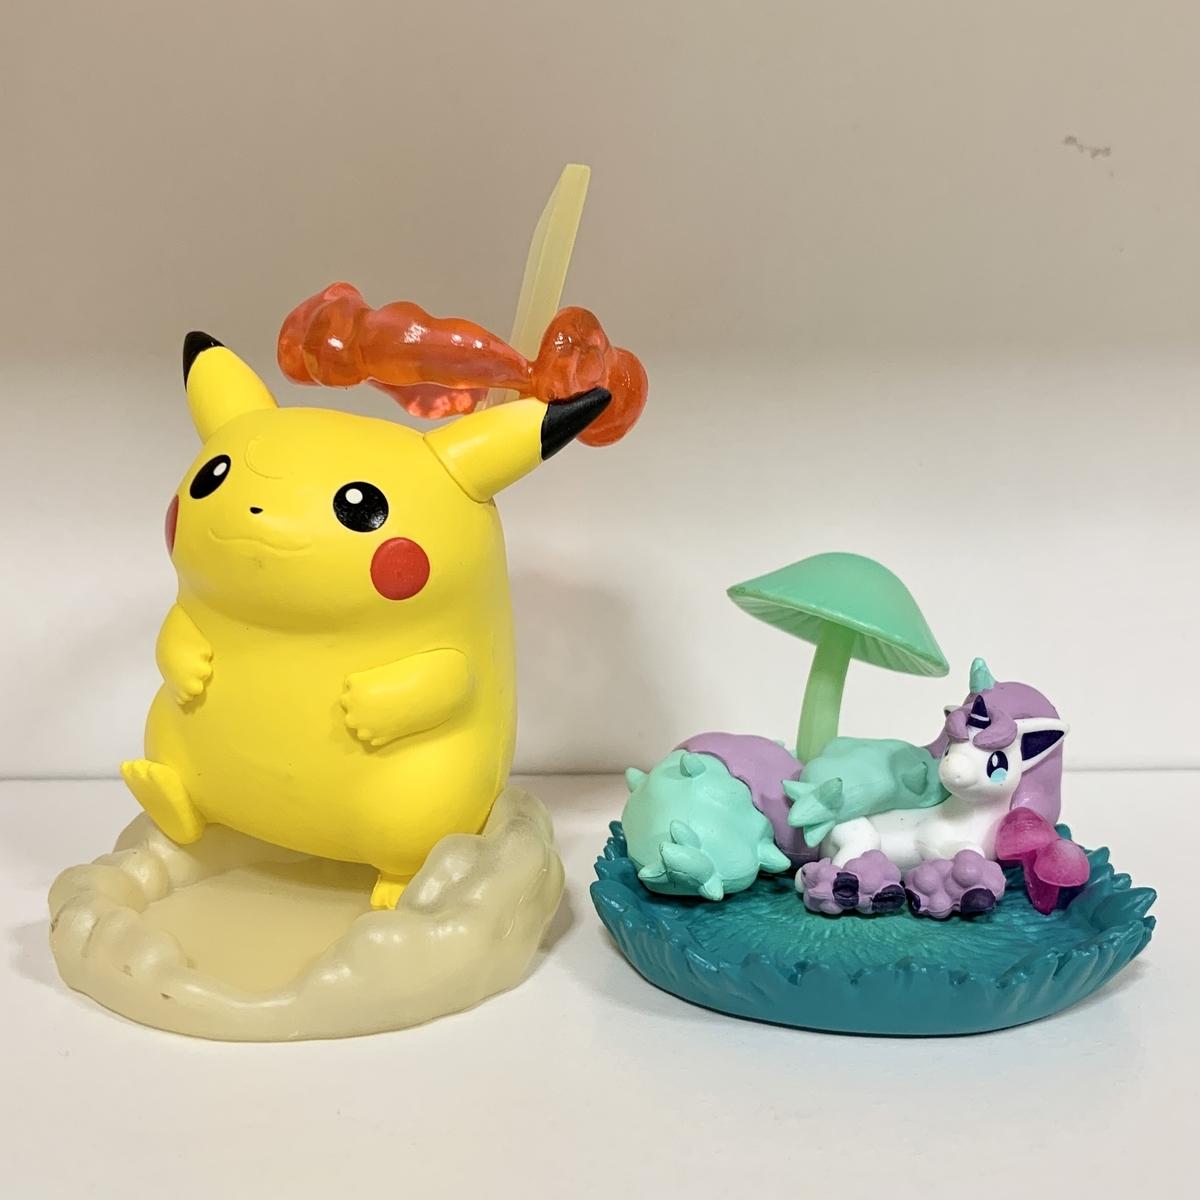 f:id:pikachu_pcn:20210911194131j:plain